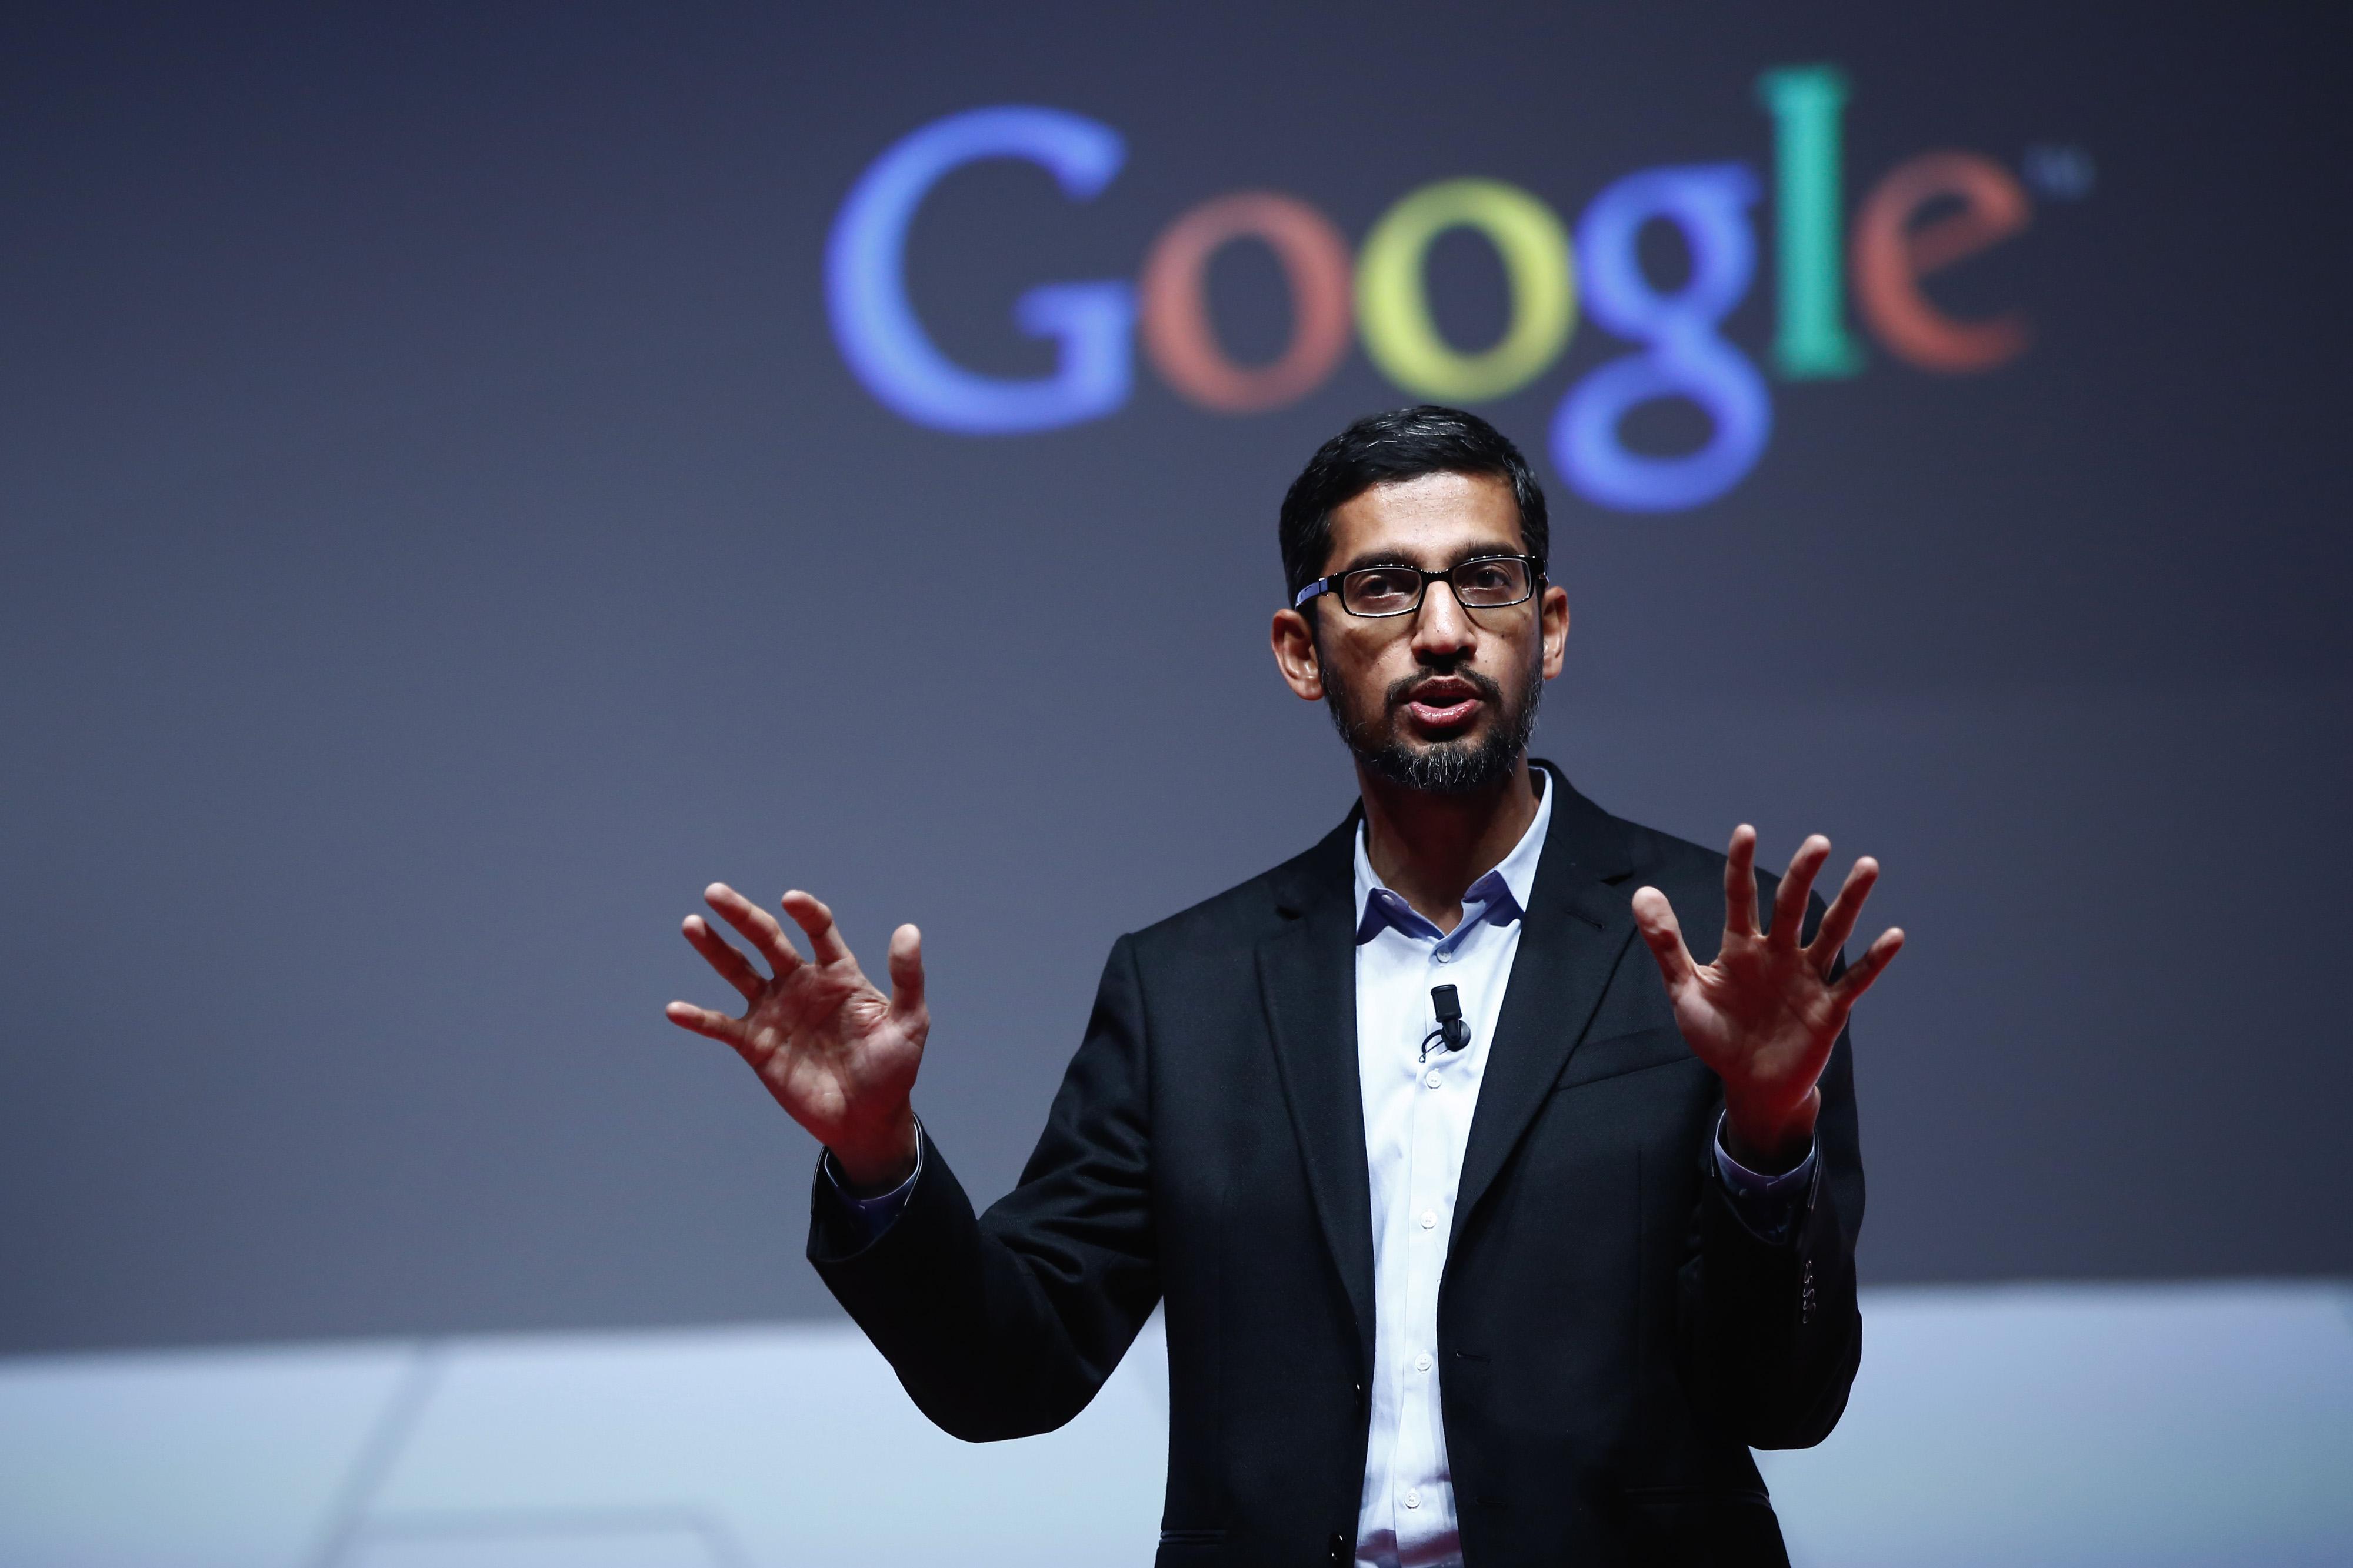 10 Hal yang Perlu Kamu Tahu Tentang Bos Google!